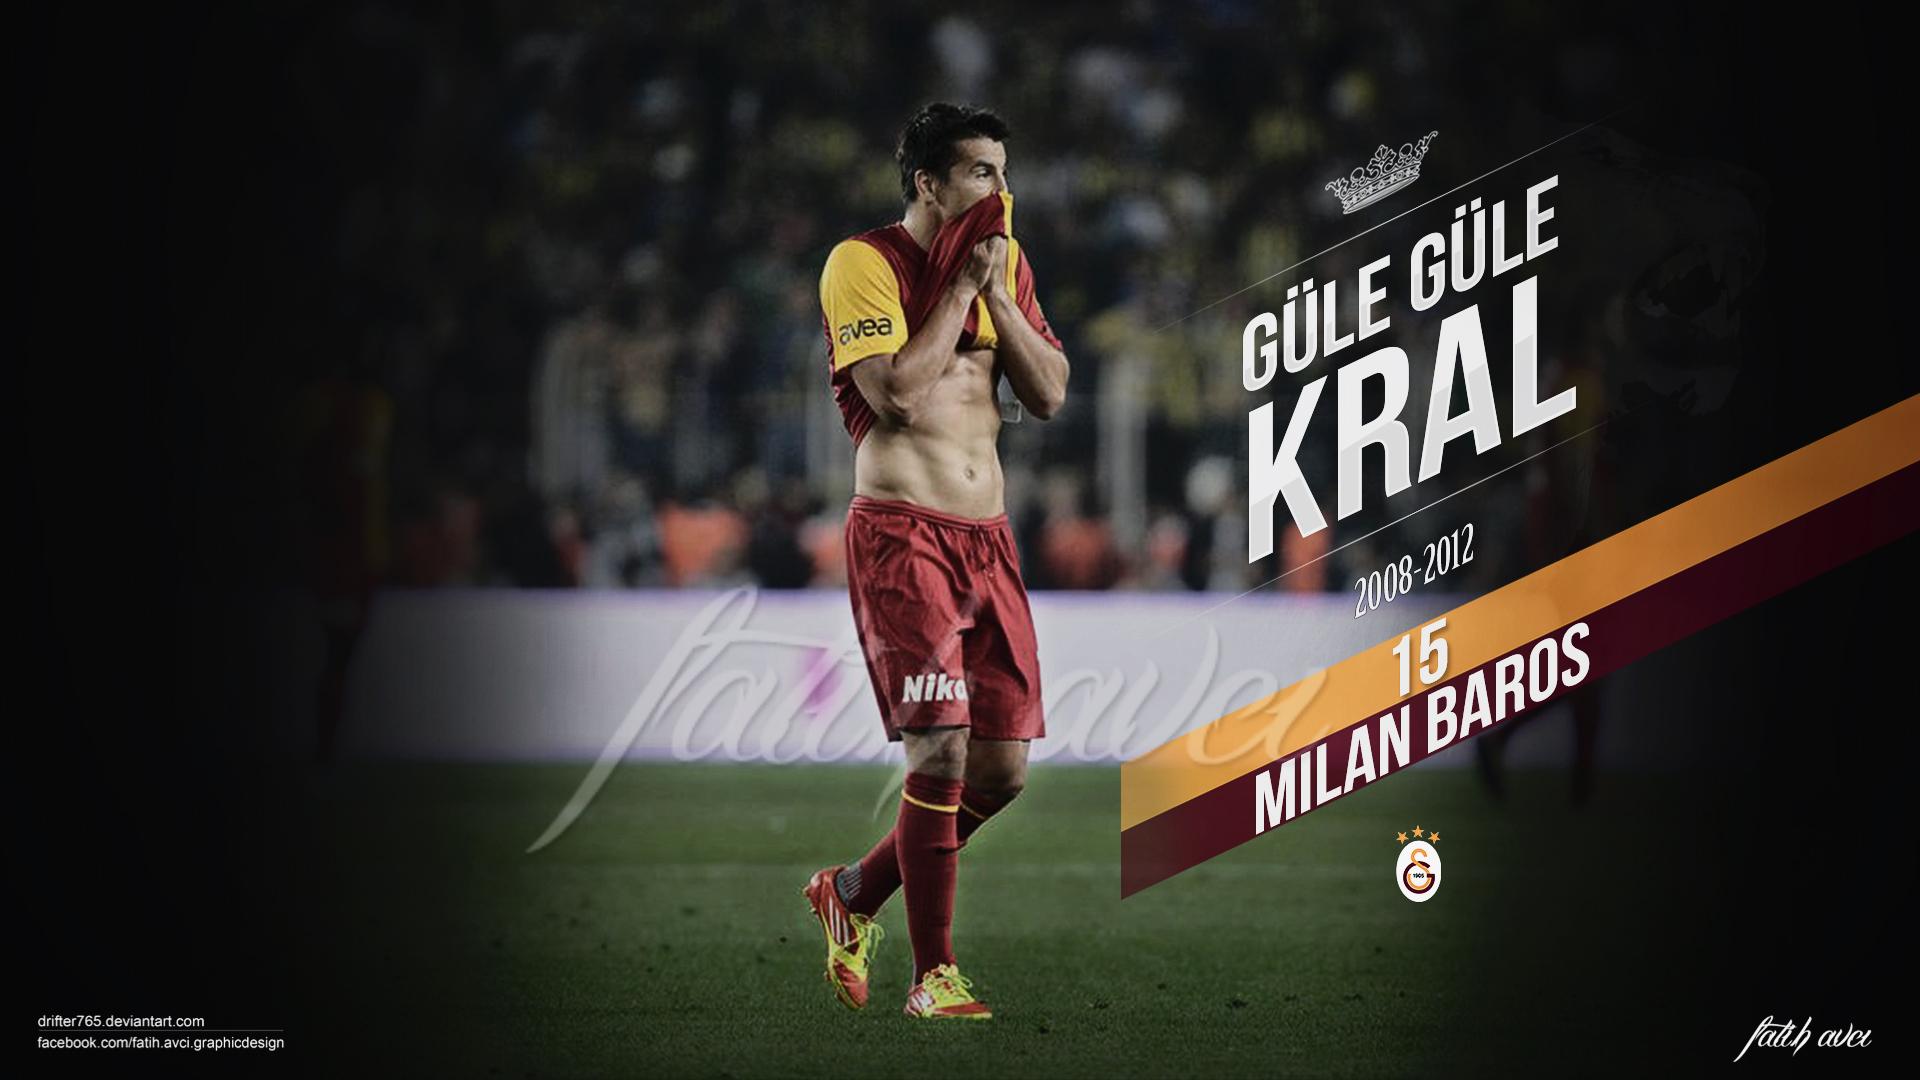 gule gule kral by drifter765 d5nbxfj 2013 En Güzel Galatasaray HD Masaüstü Resimleri